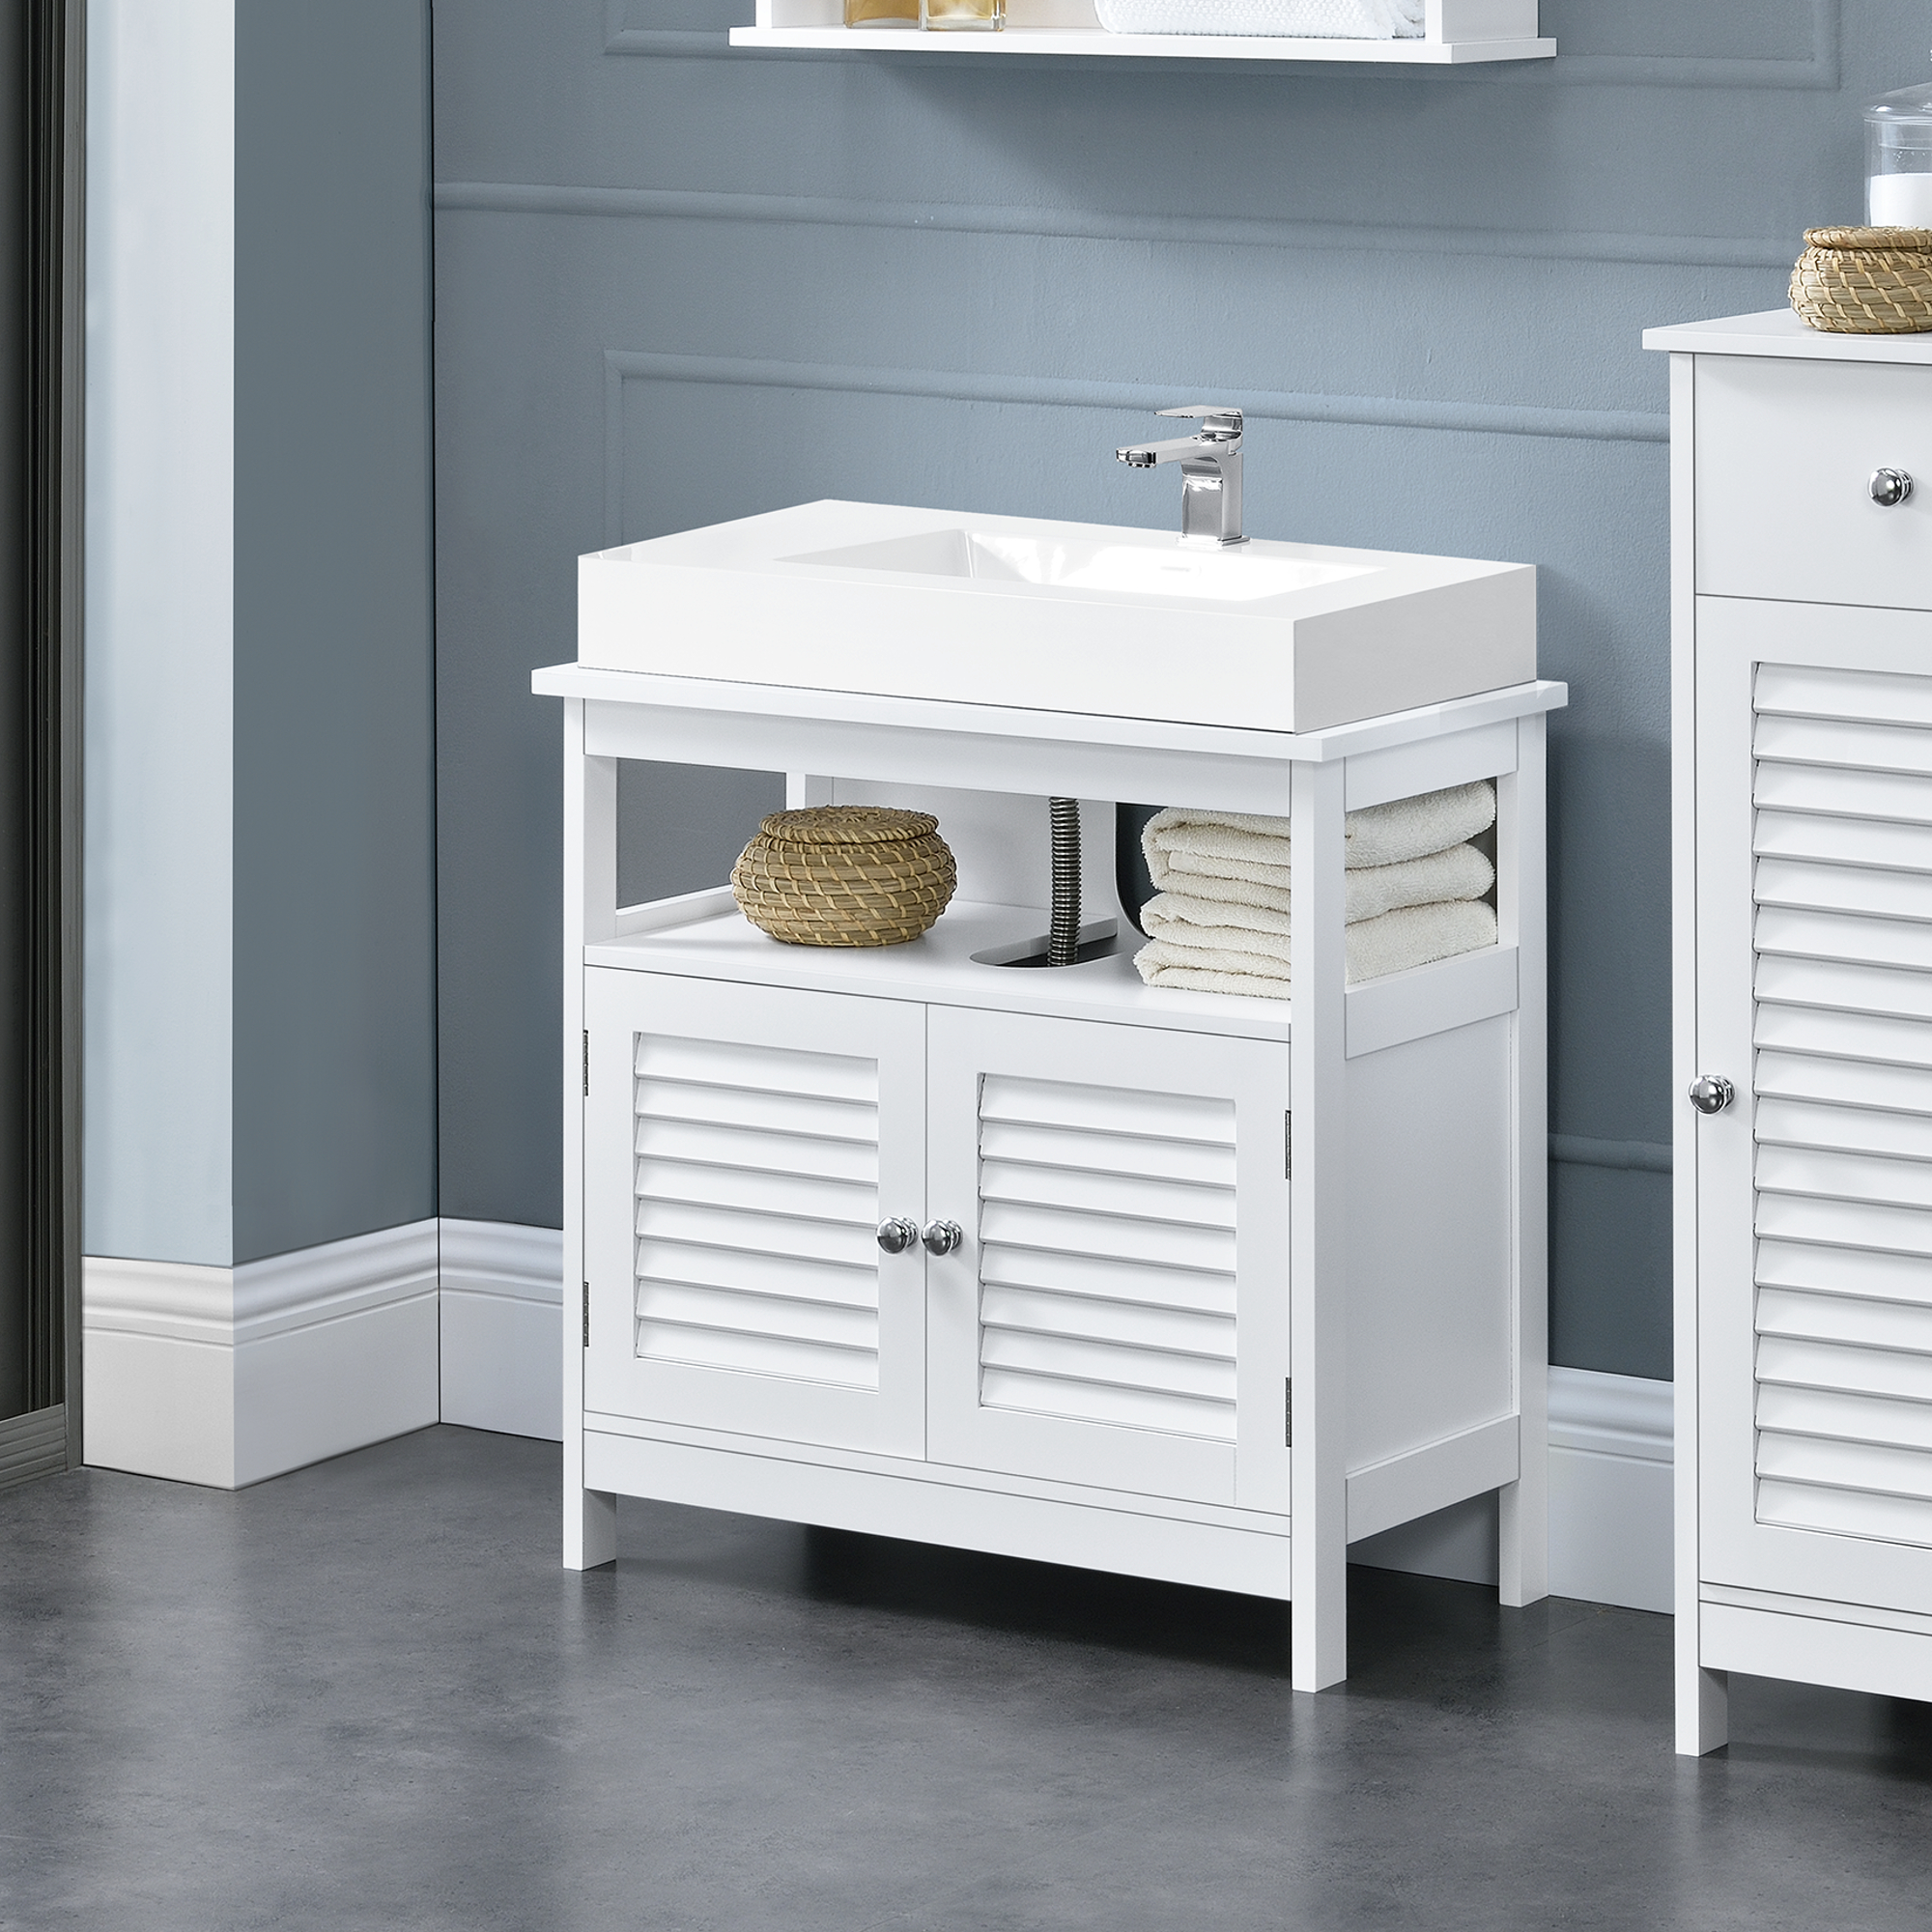 Puertas Para Muebles De Baño | En Casa Mueble De Bano Mueble Para Debajo De Lavabo Puertas